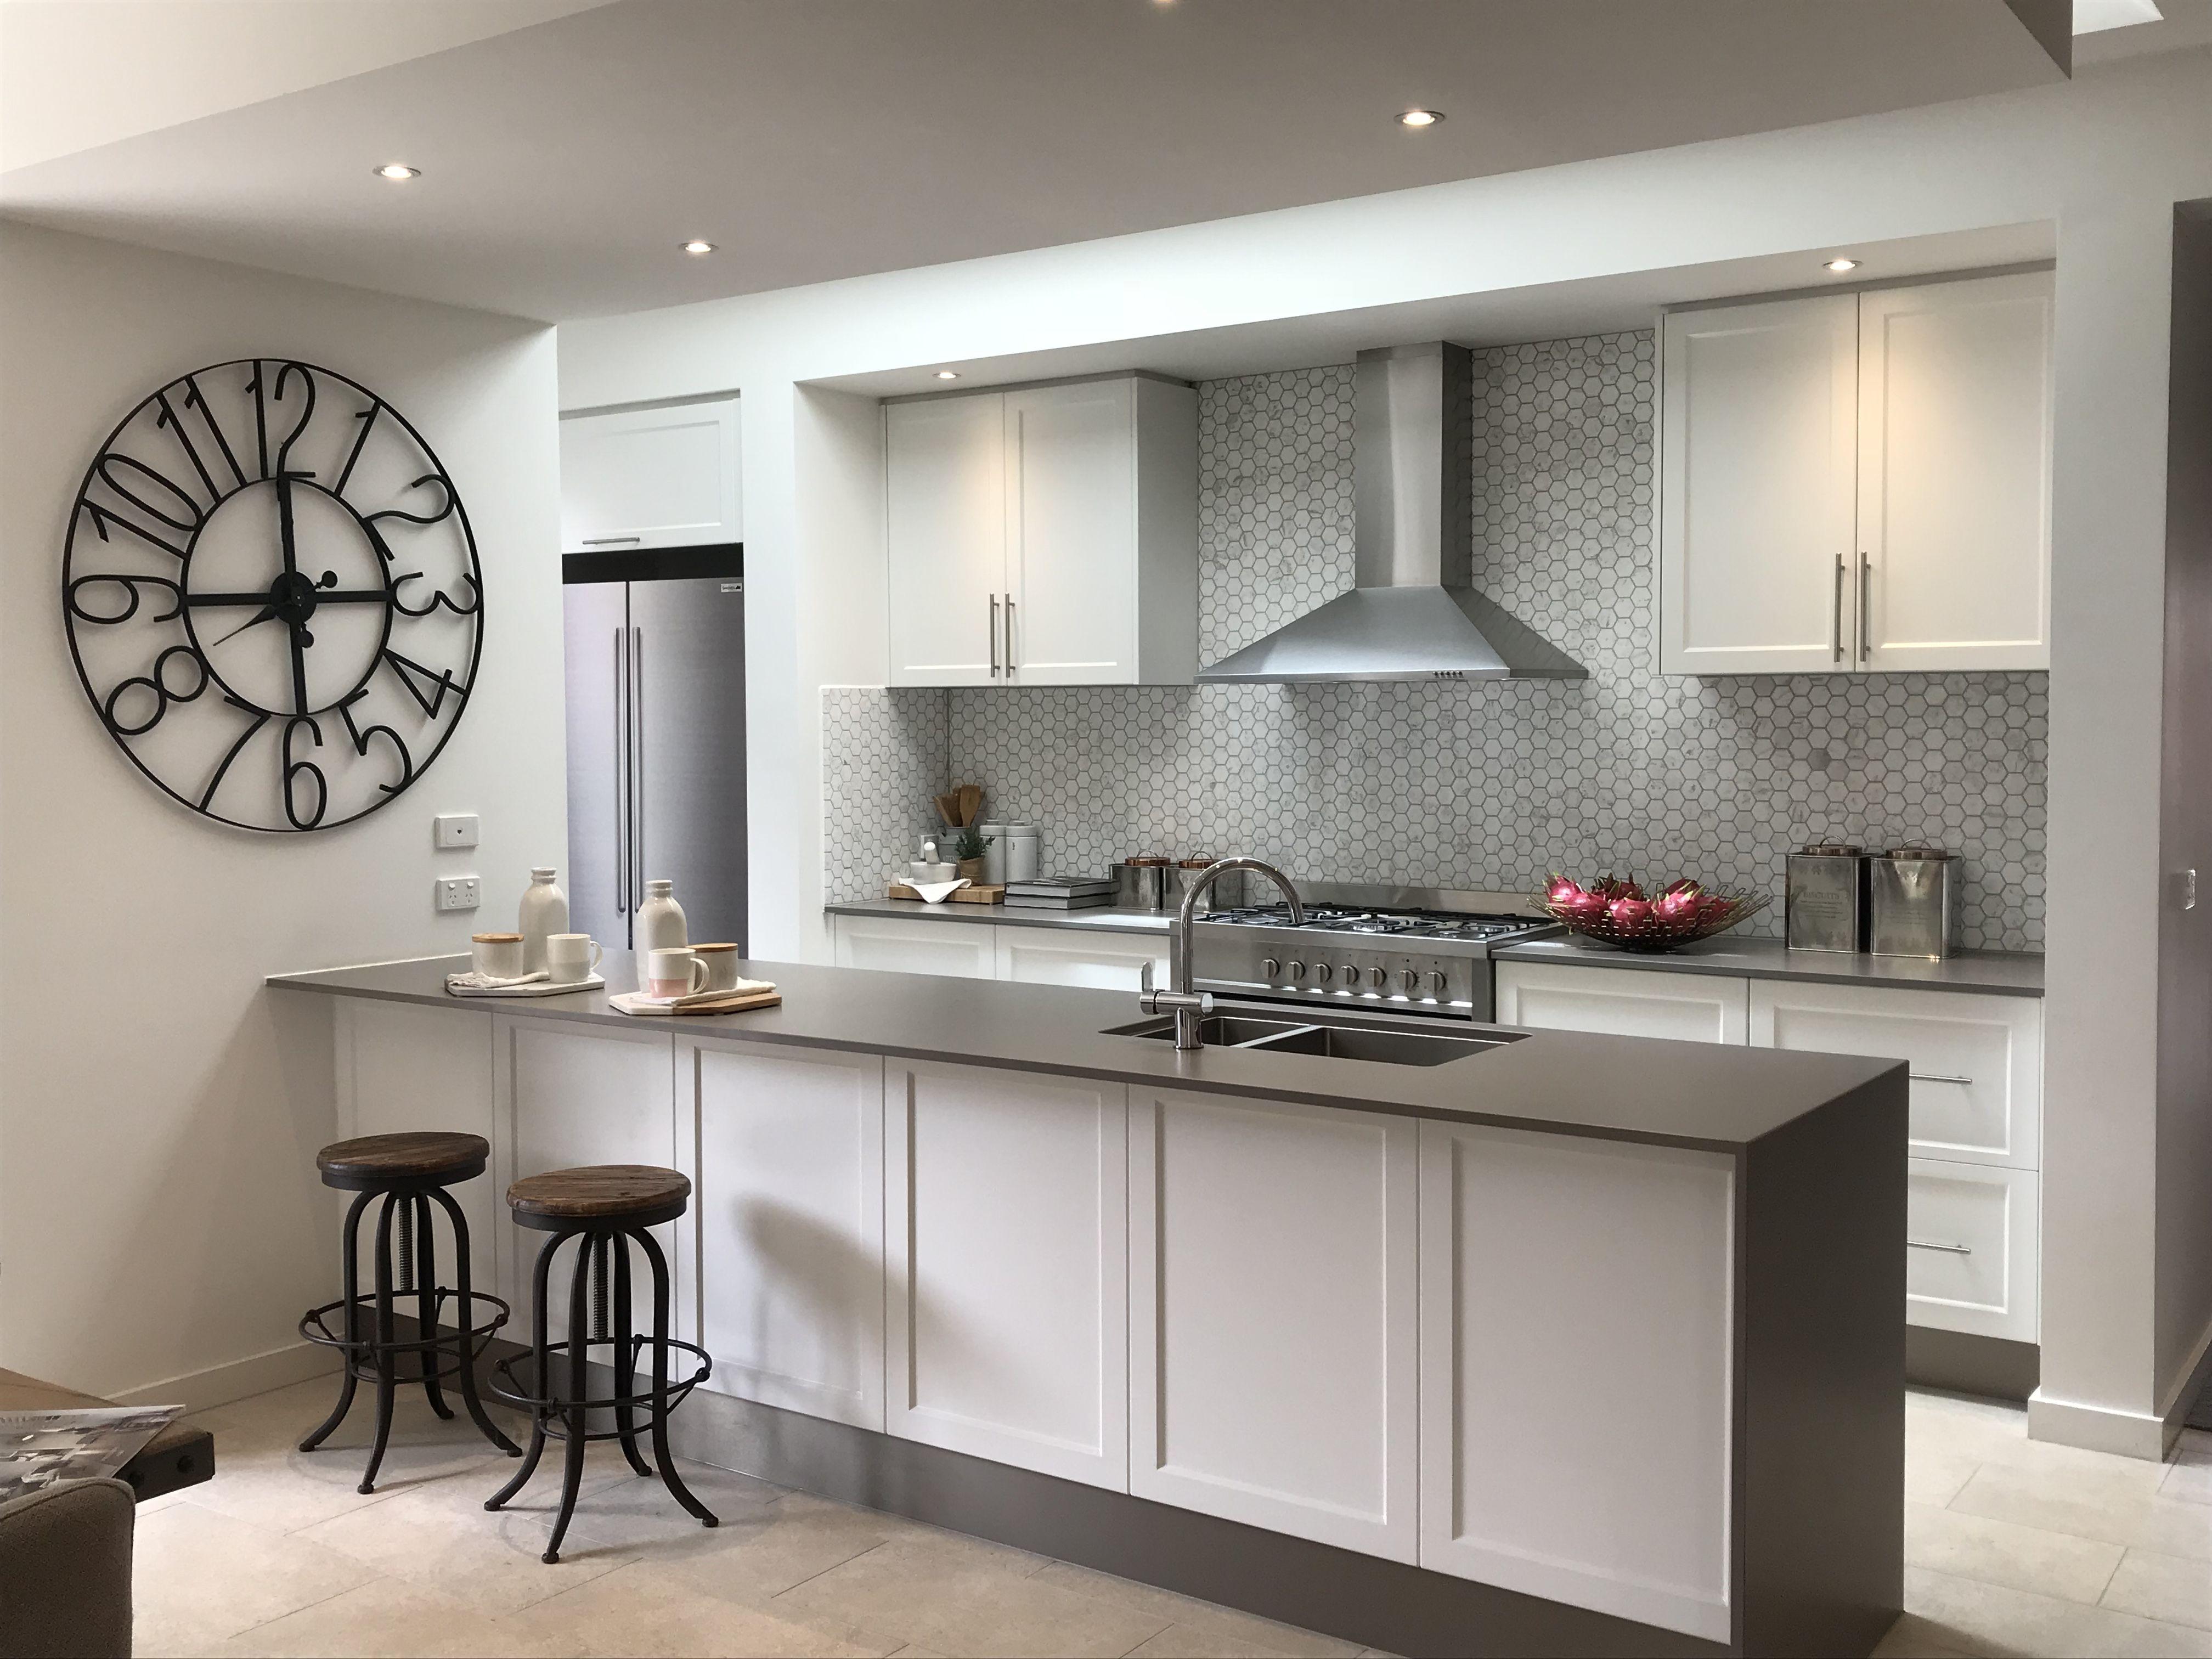 Backsplash Kitchen Design Kitchen Organization Kitchen Cabinets